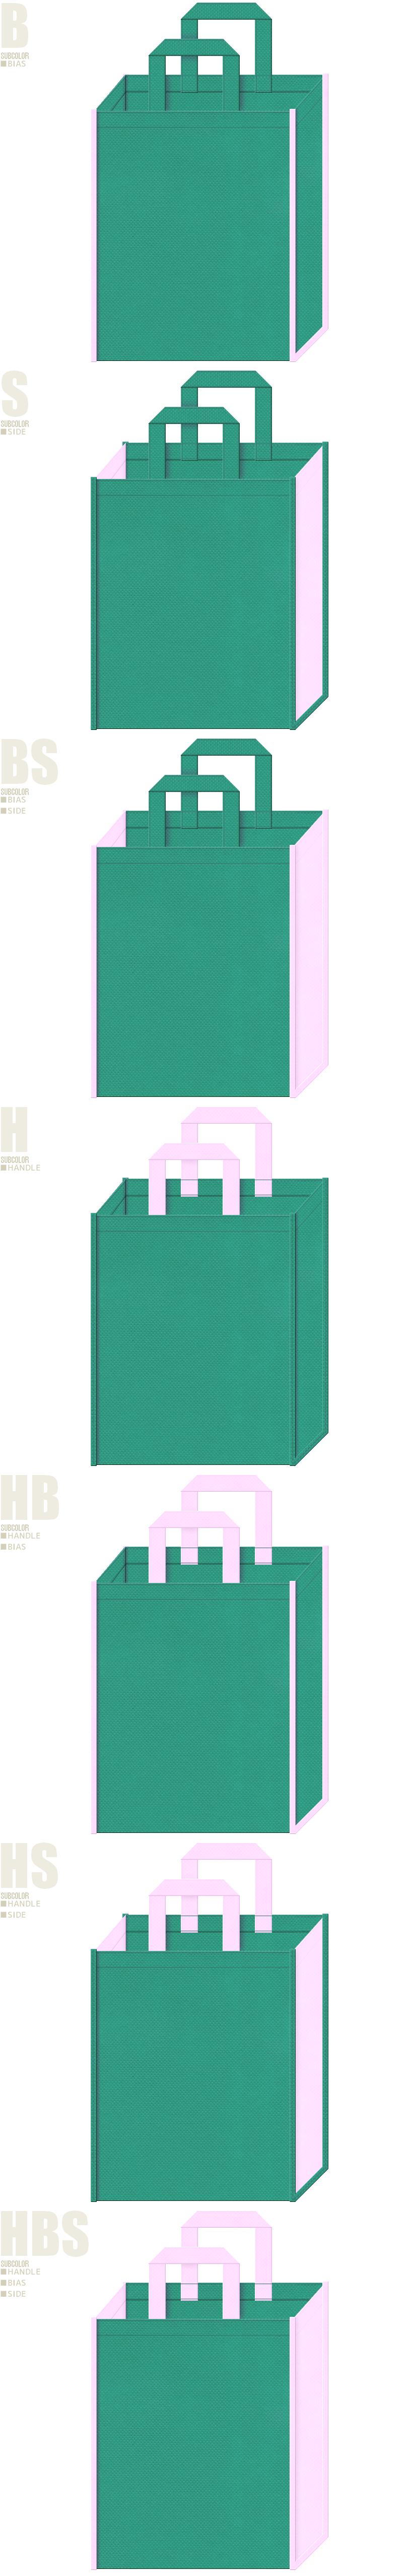 掃除・洗濯・日用品・介護用品の展示会用バッグにお奨めの不織布バッグデザイン:青緑色と明るいピンク色の不織布バッグ配色7パターン。